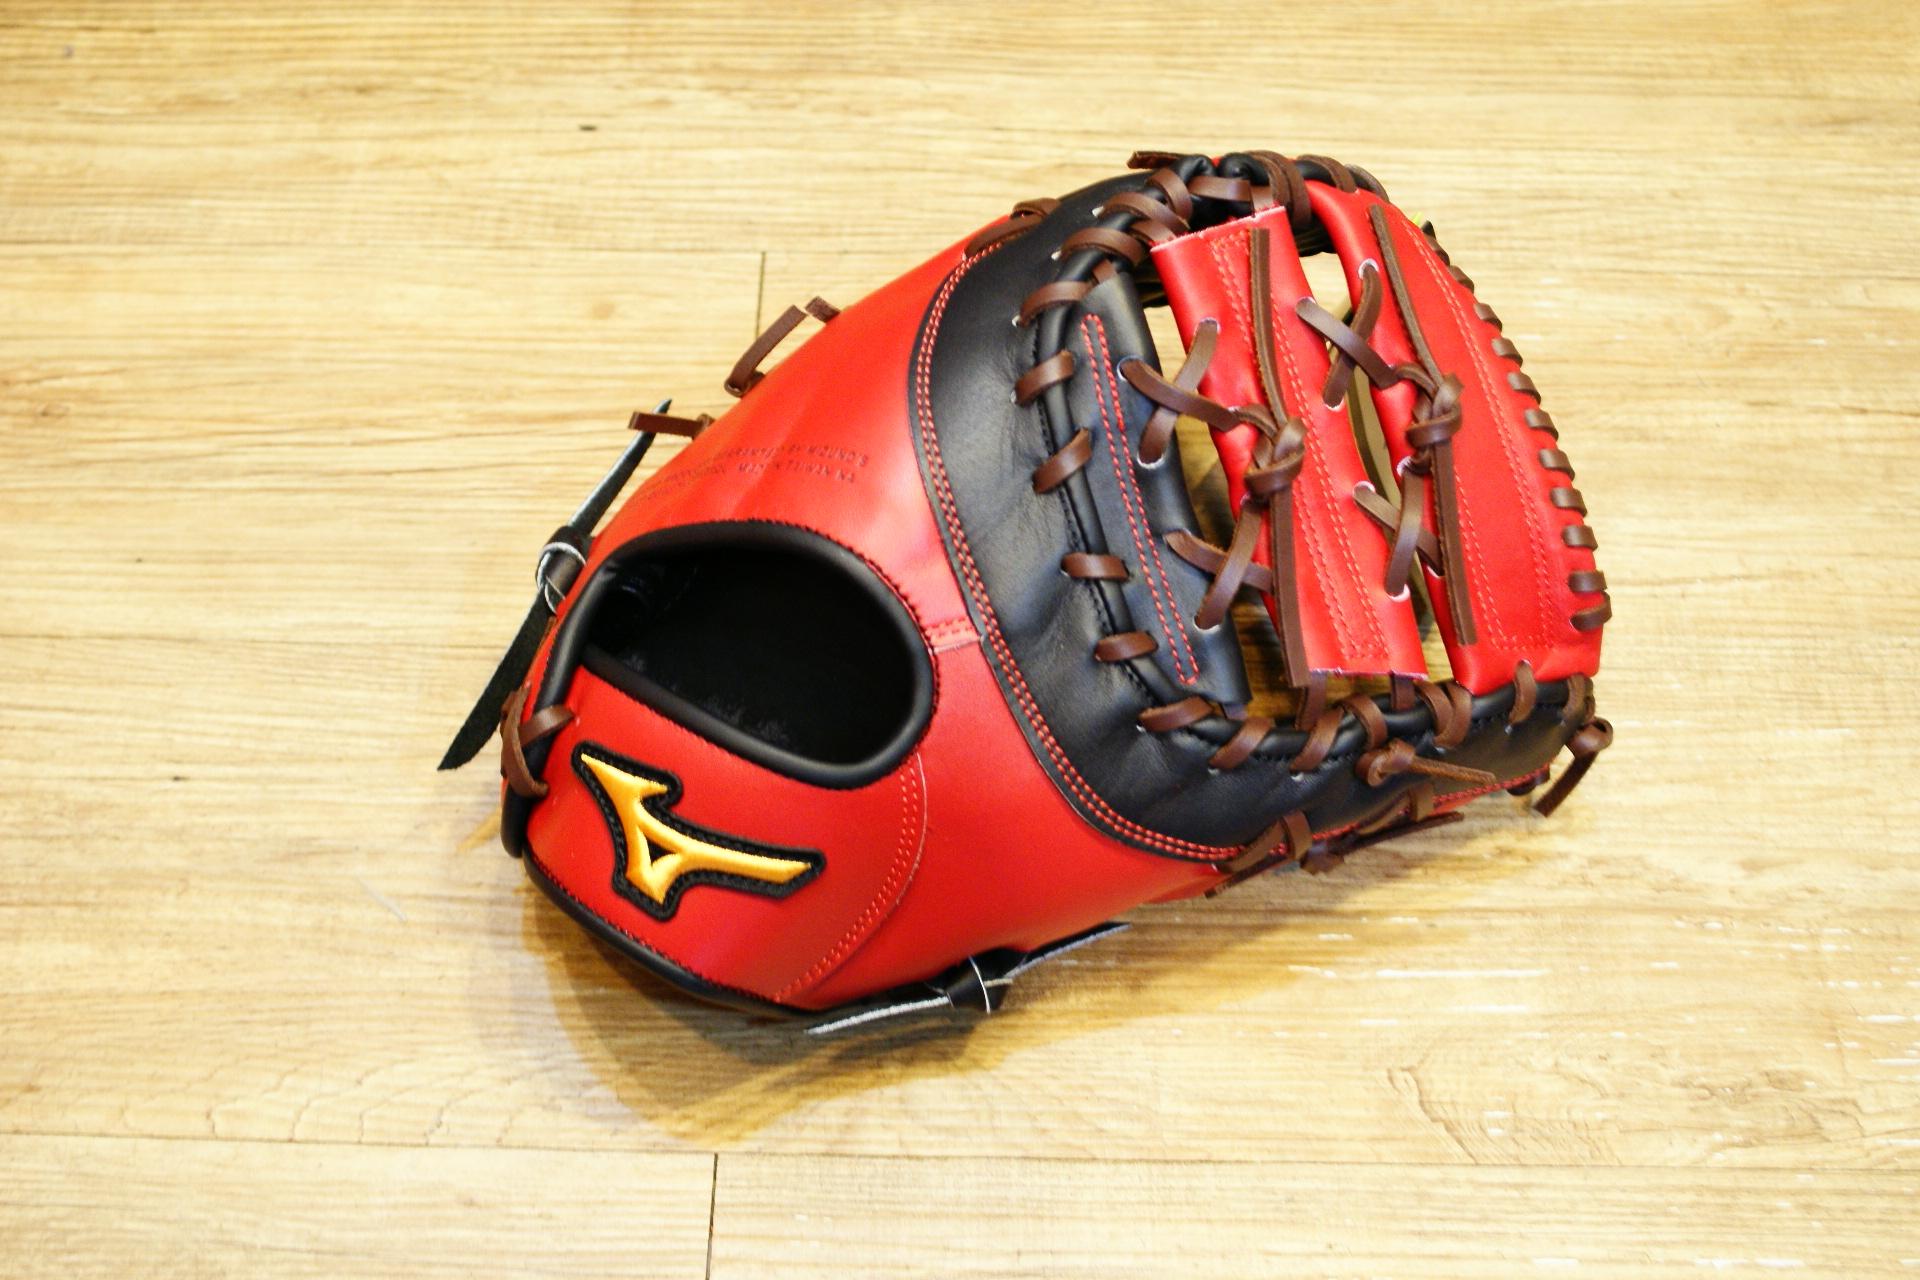 棒球世界 Mizuno美津濃 硬式一壘手套 1ATFH50400 特價 棒球一壘手用 黑紅配色